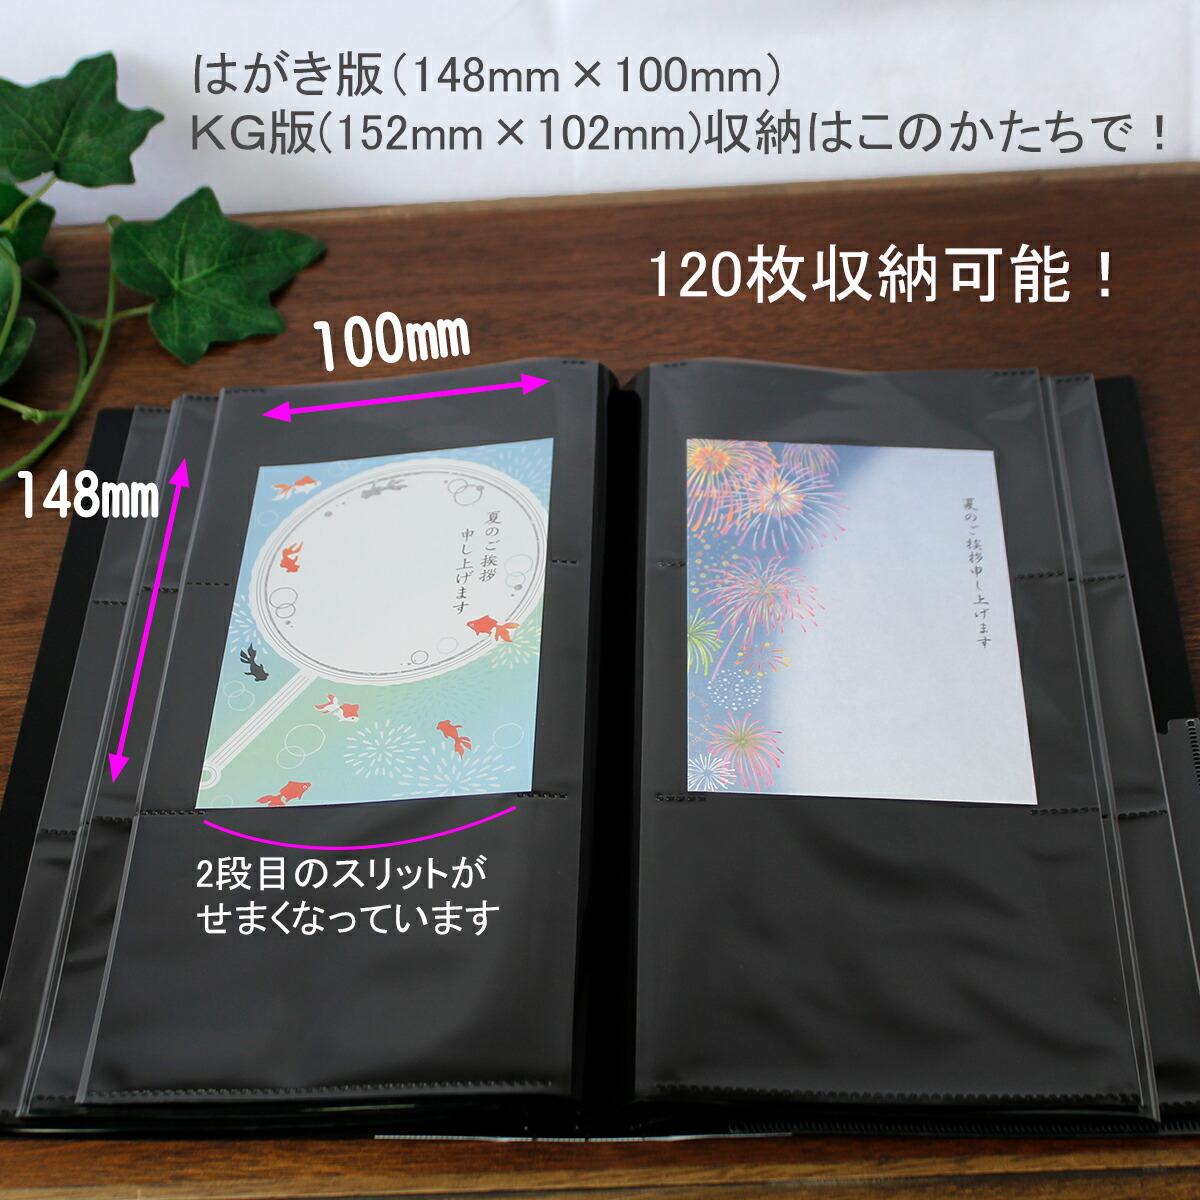 フォトグラフィリア360枚アルバム説明5